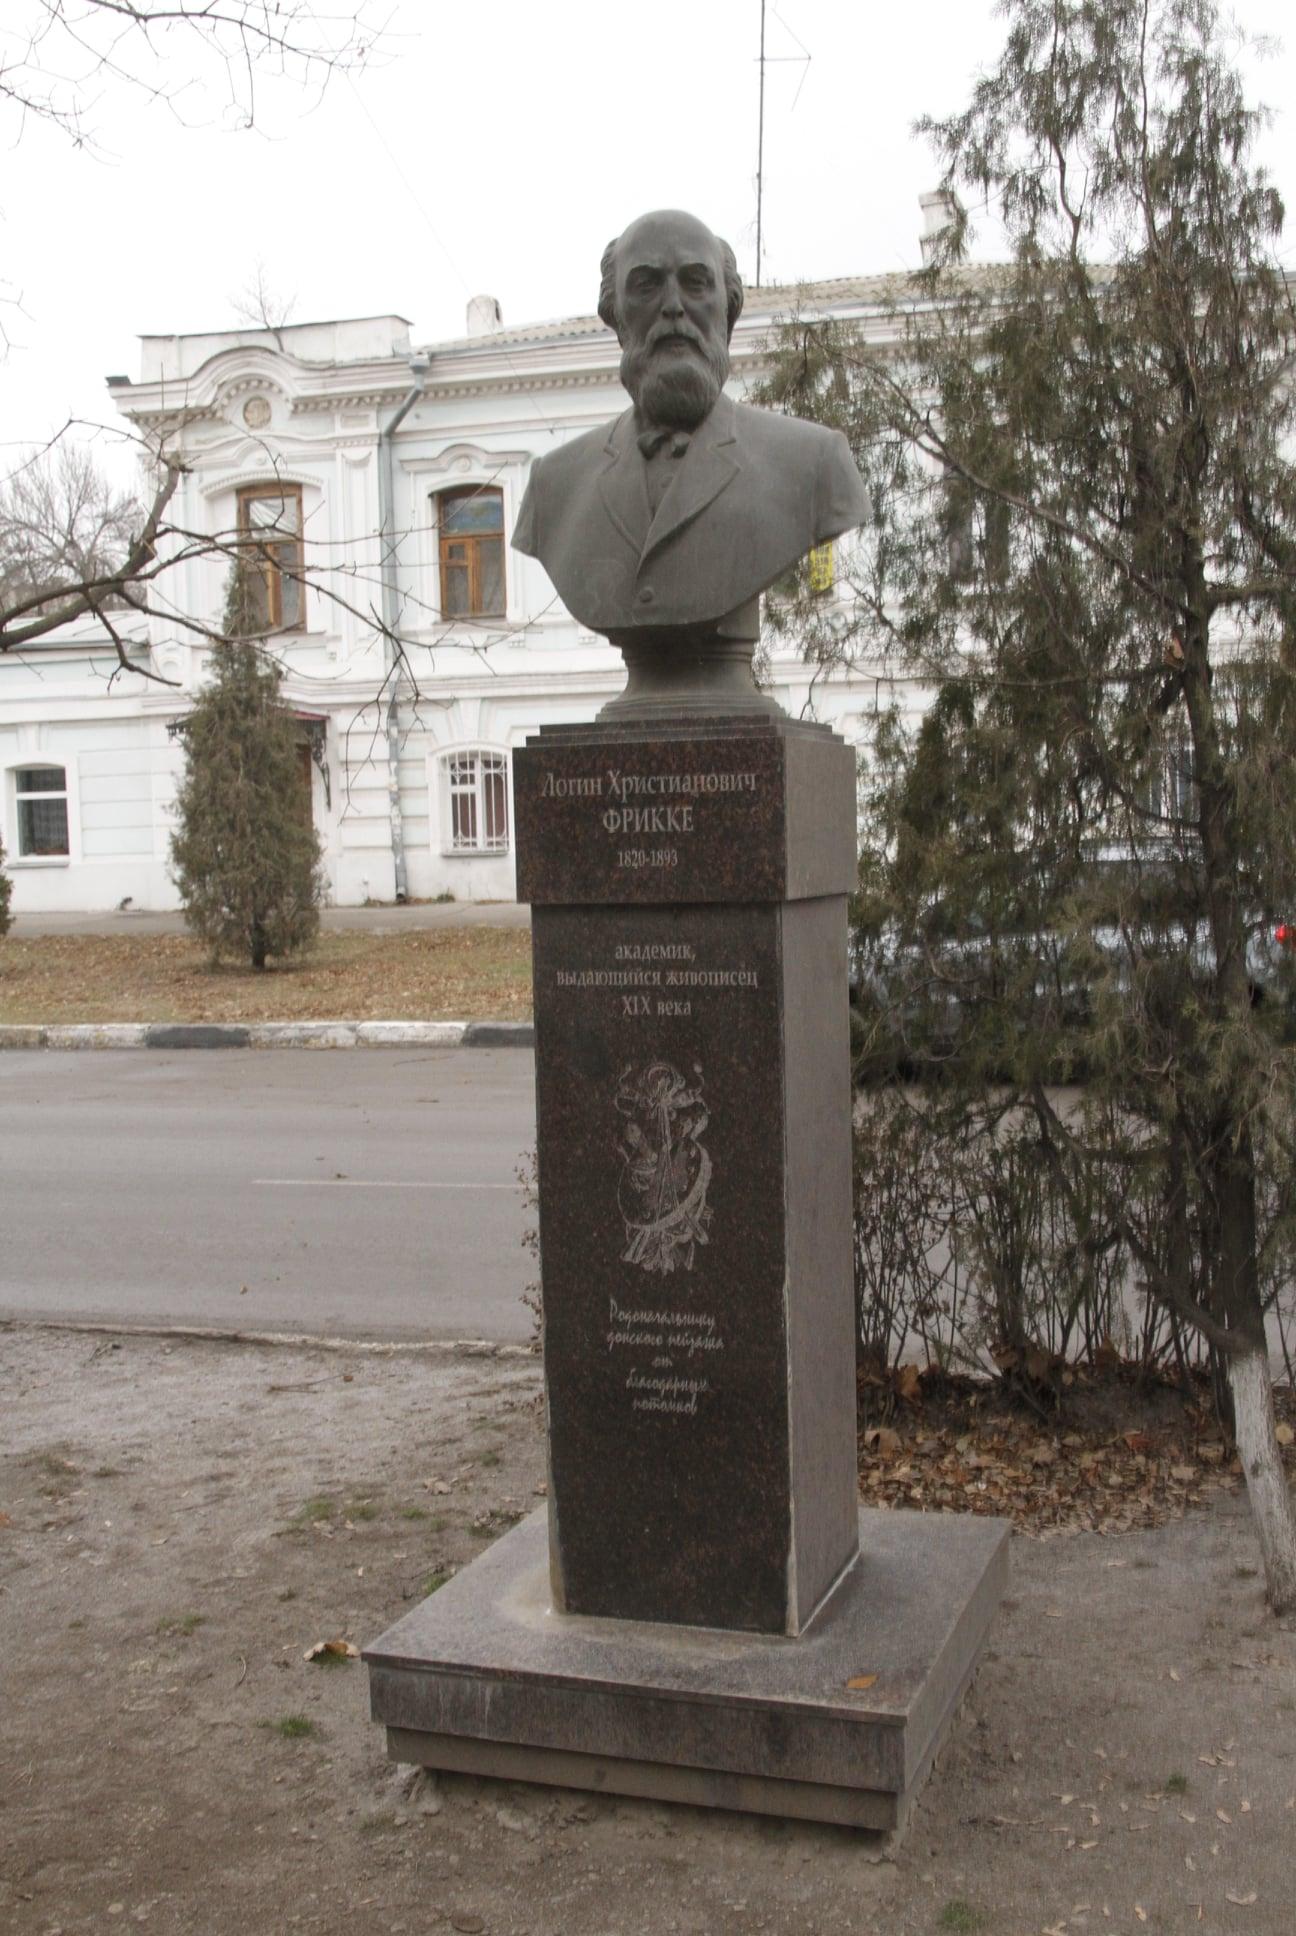 200 лет назад родился художник-пейзажист Фрикке Логин Христианович (1820 – 1893 гг.)